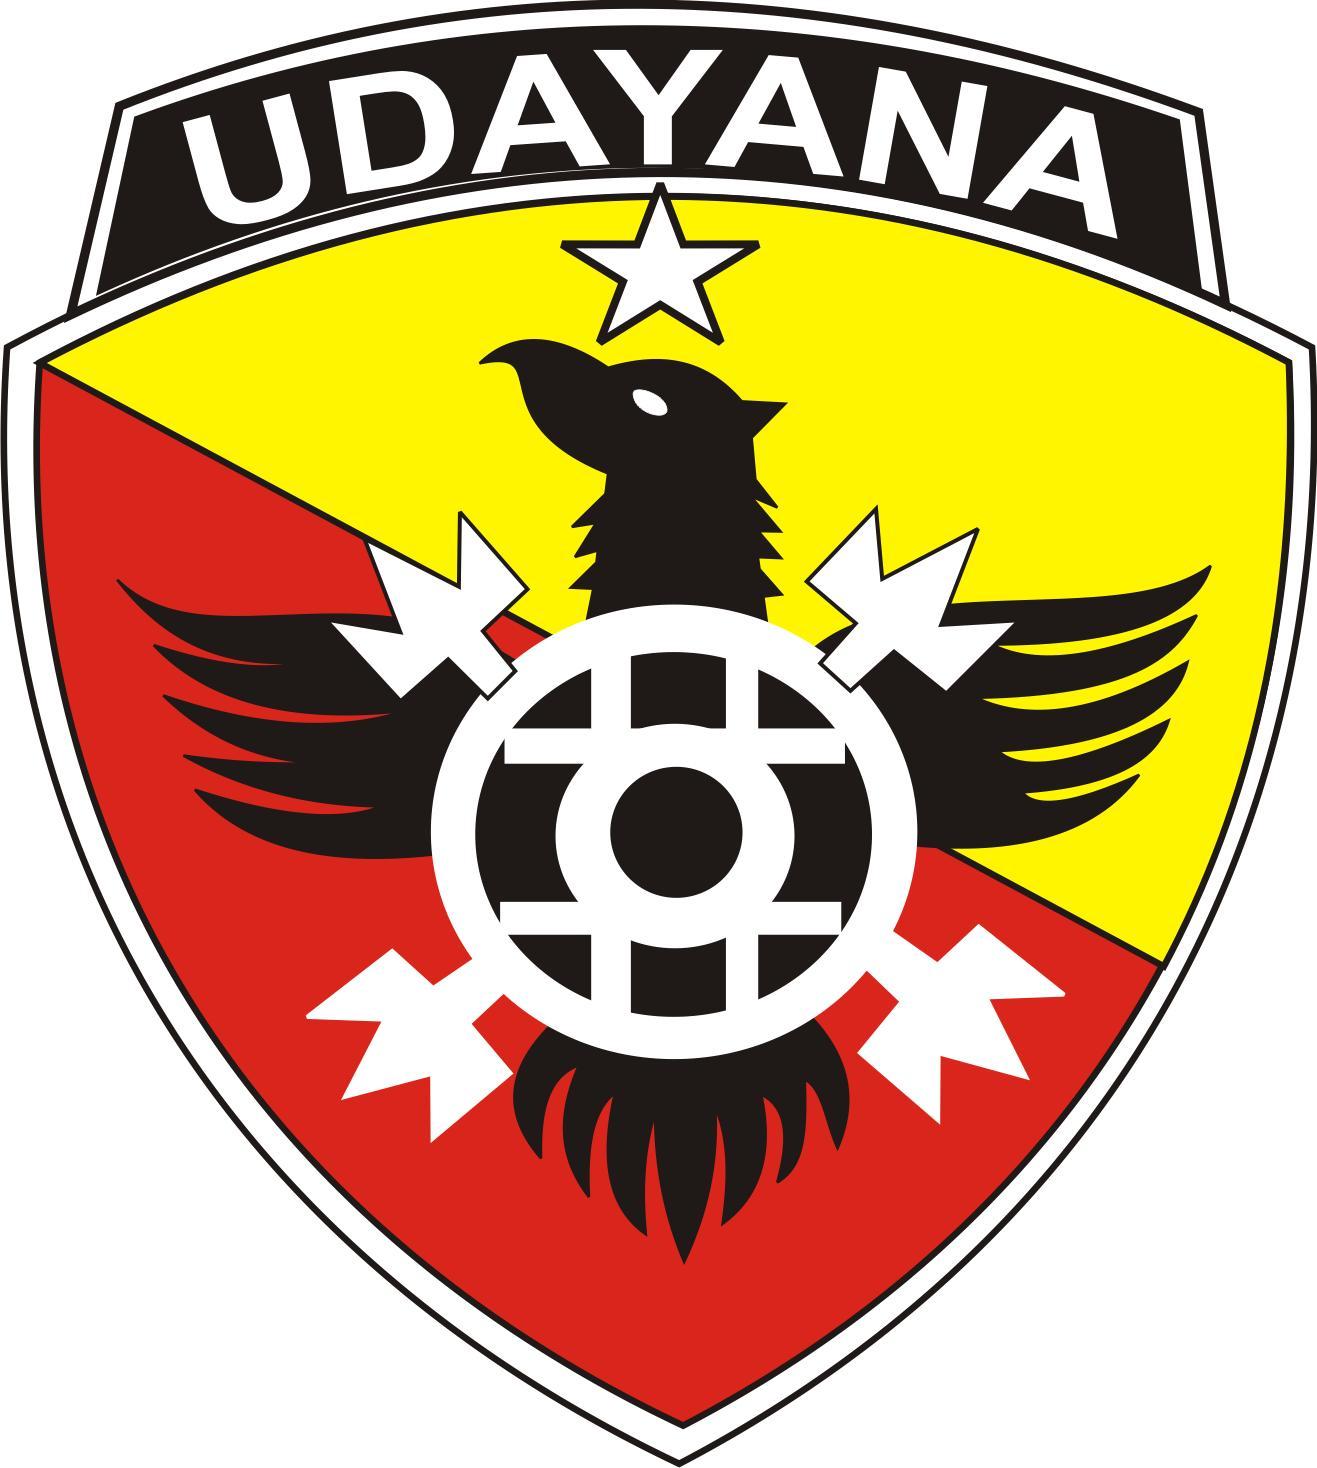 KODAM Udayana